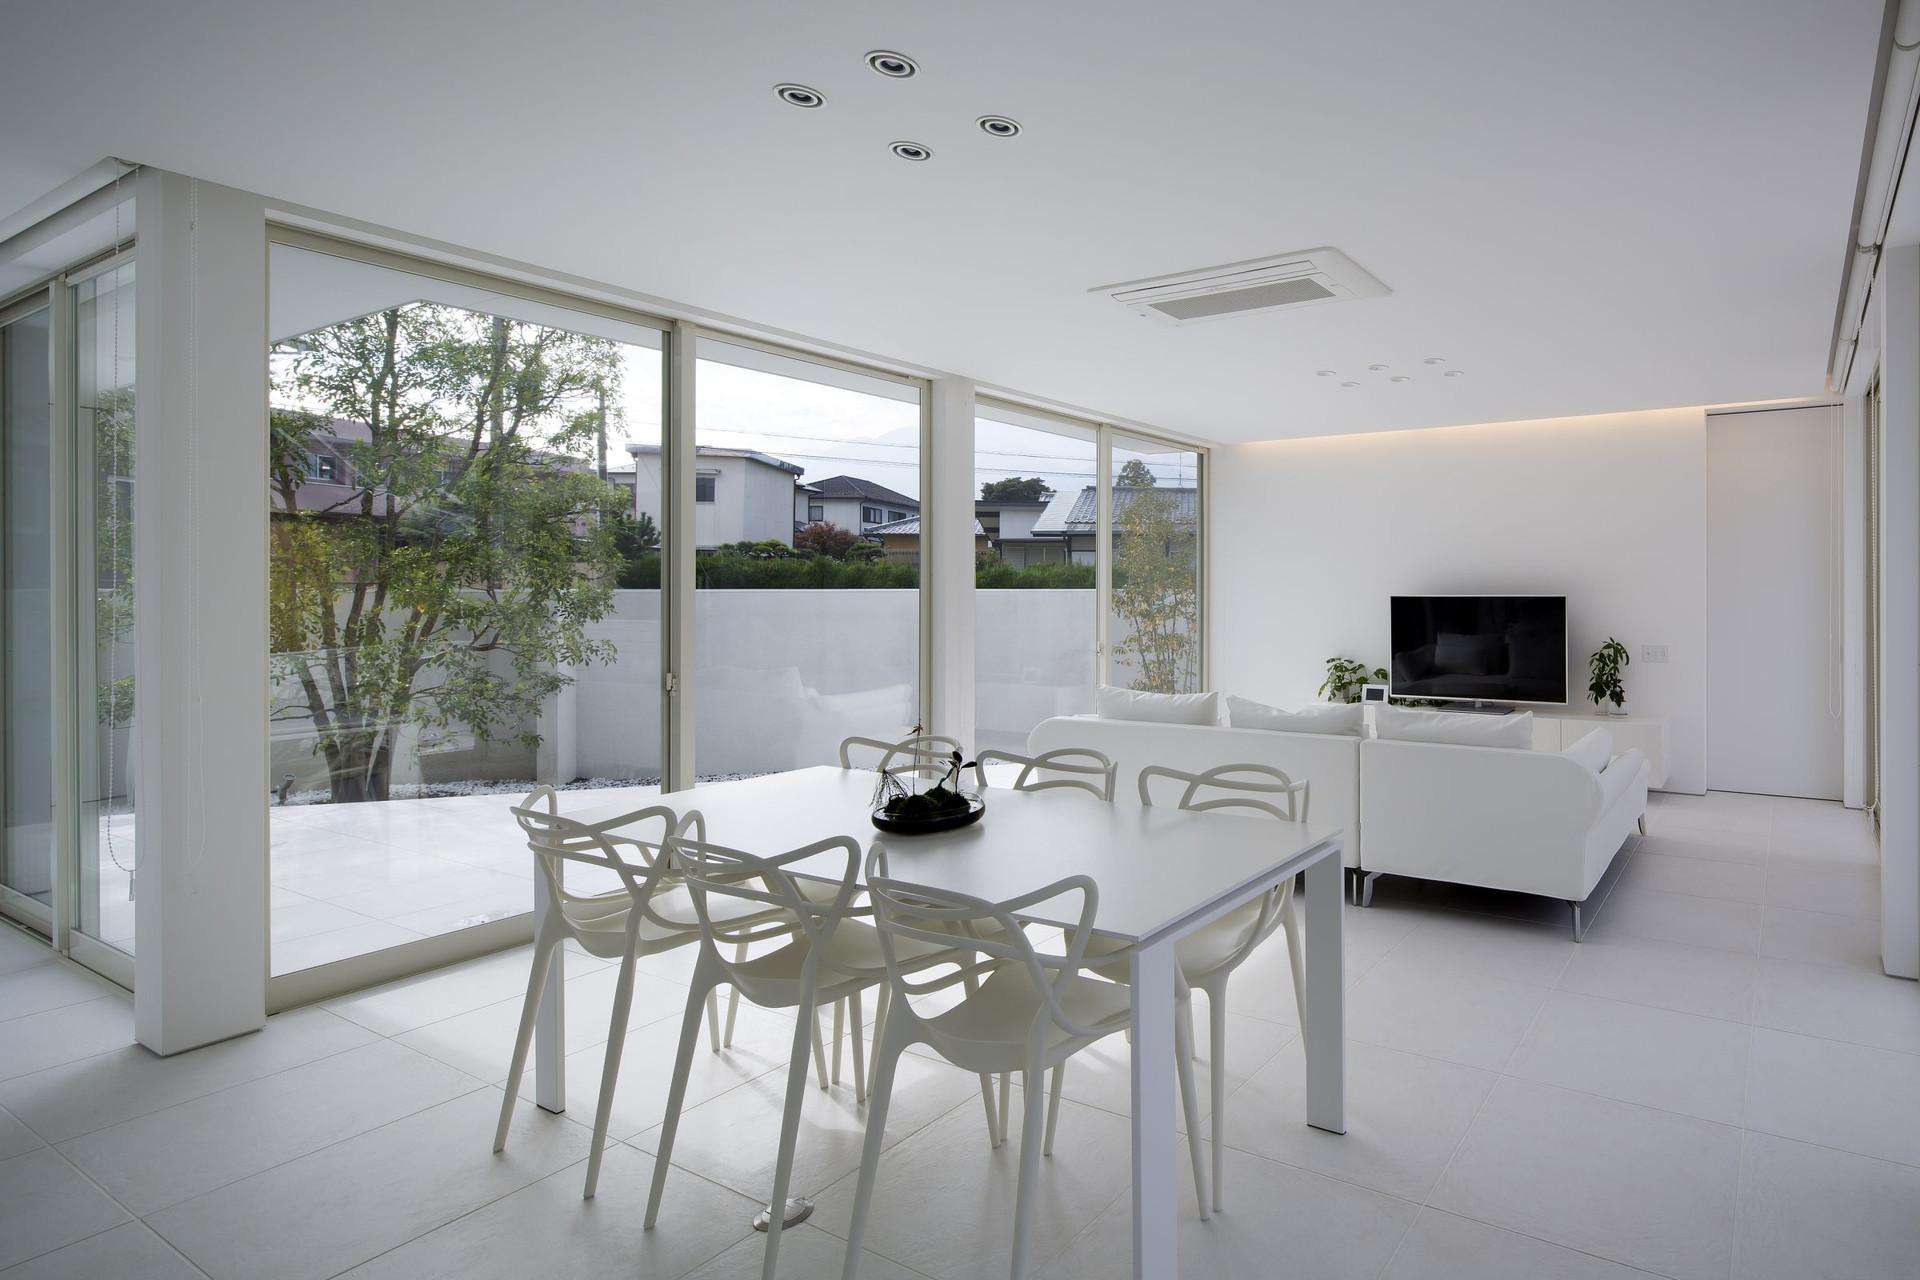 plus-atelier-architect-office_2400_07.jp